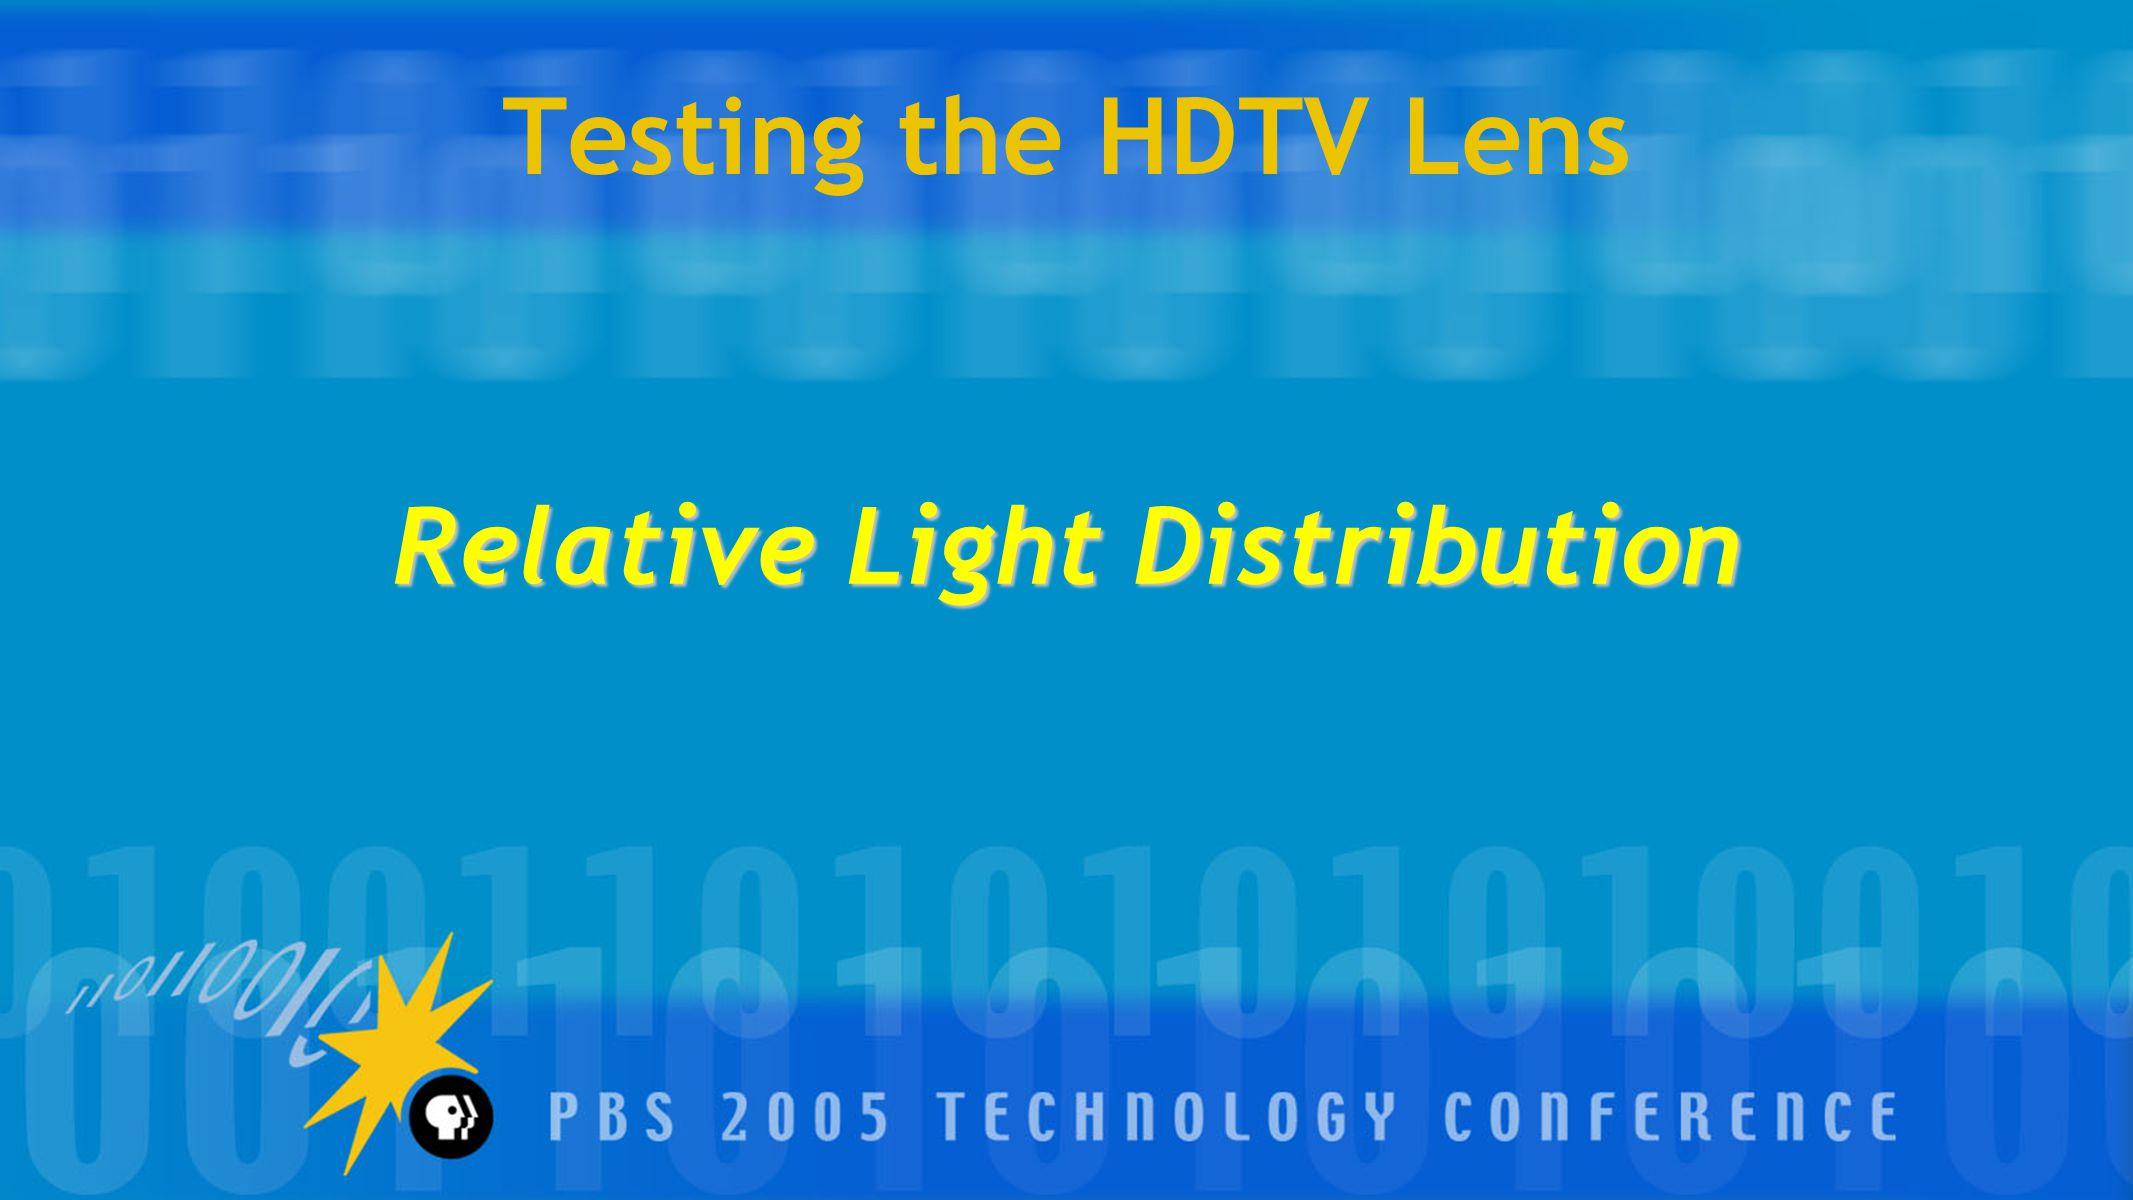 Testing the HDTV Lens Relative Light Distribution